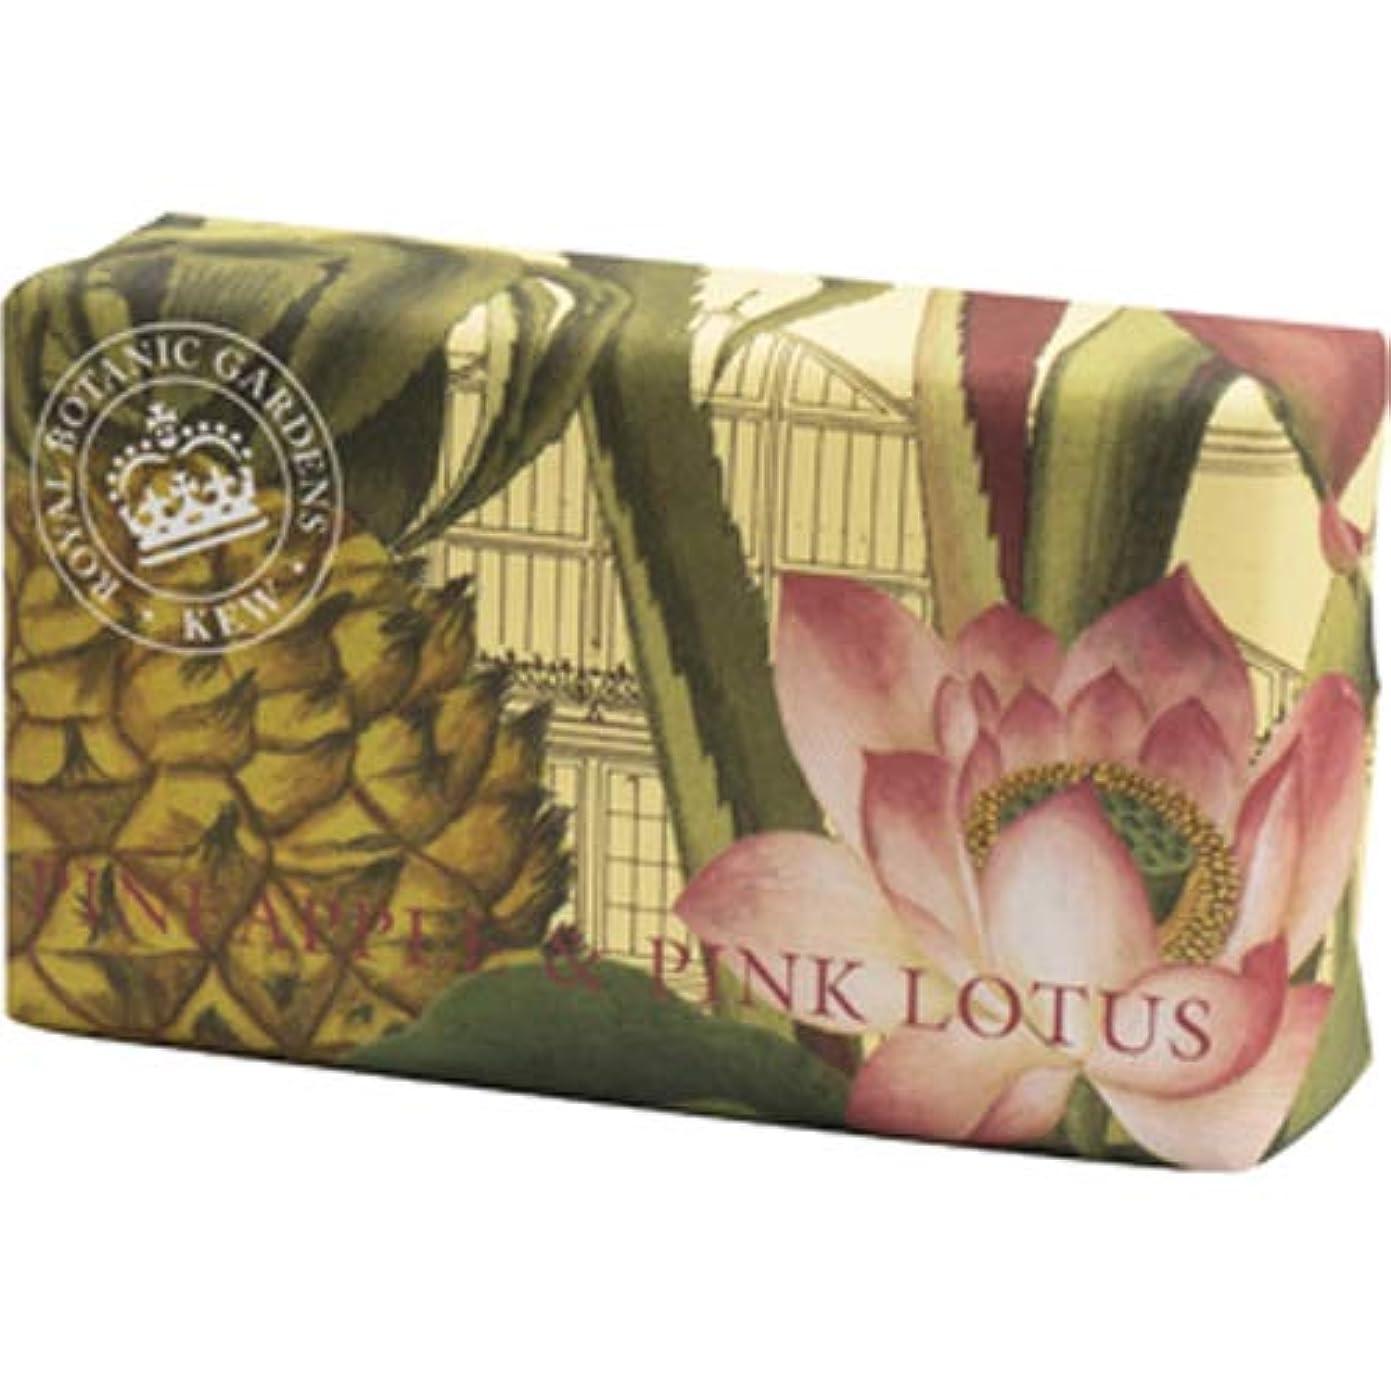 強風幸福むき出しEnglish Soap Company イングリッシュソープカンパニー KEW GARDEN キュー?ガーデン Luxury Shea Soaps シアソープ Pineapple & Pink Lotus パイナップル...